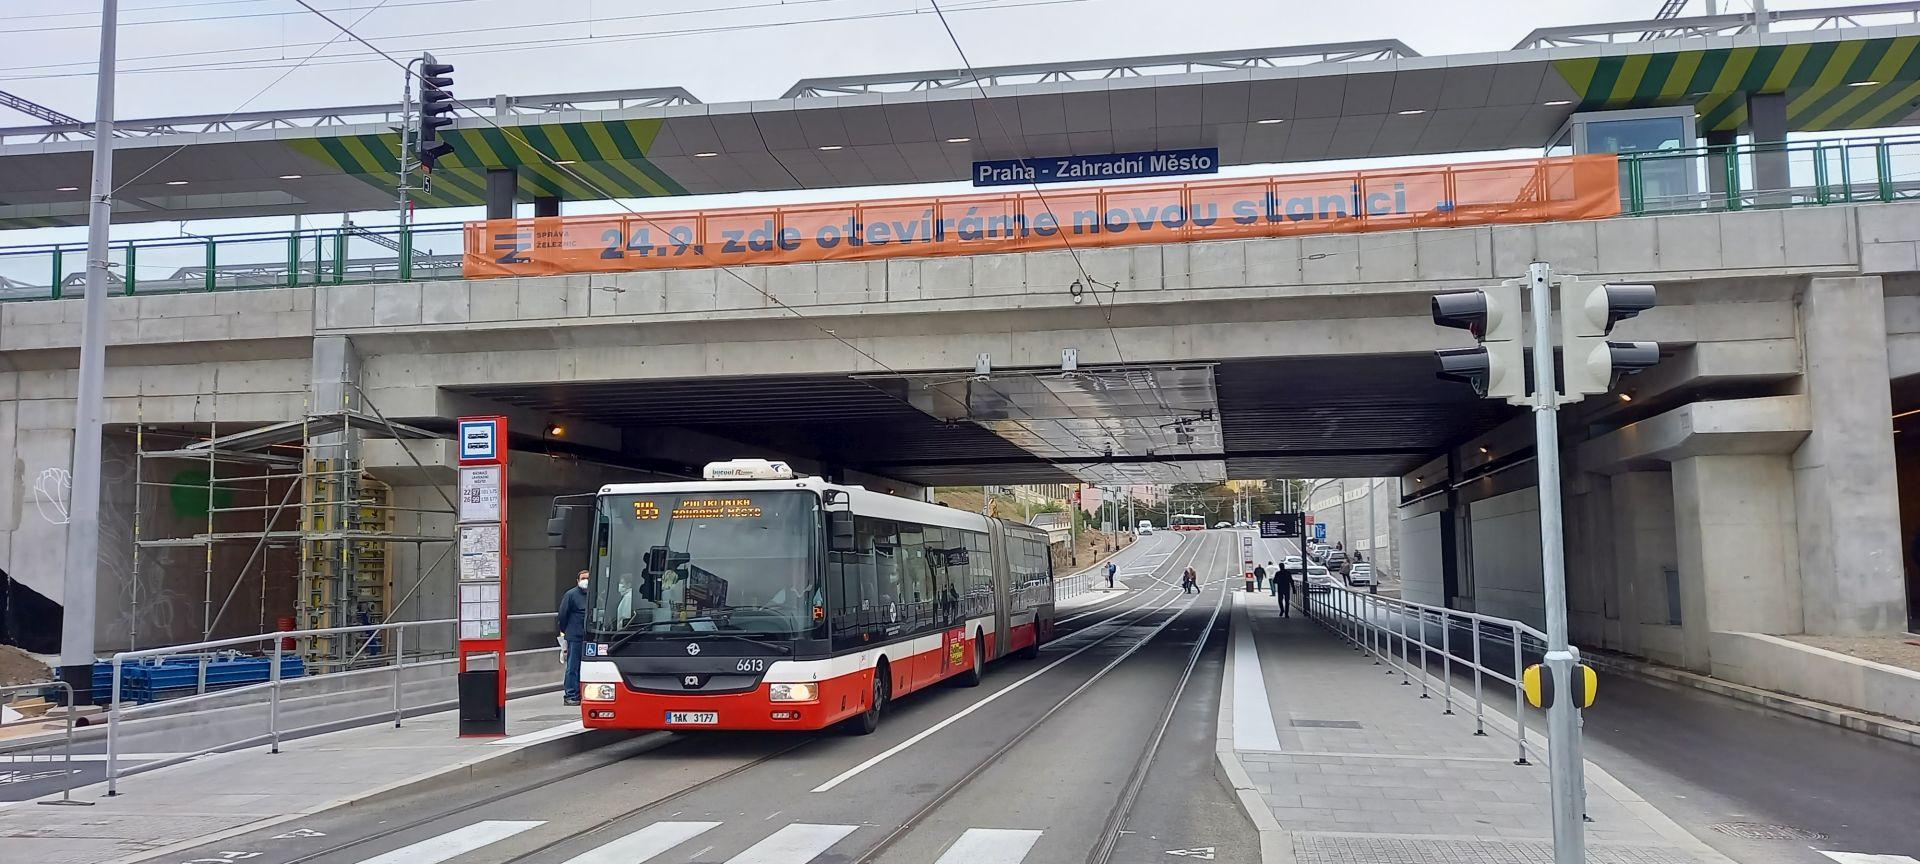 Nový terminál Praha-Zahradní Město. Autor: Zdopravy.cz/Jan Meichsner